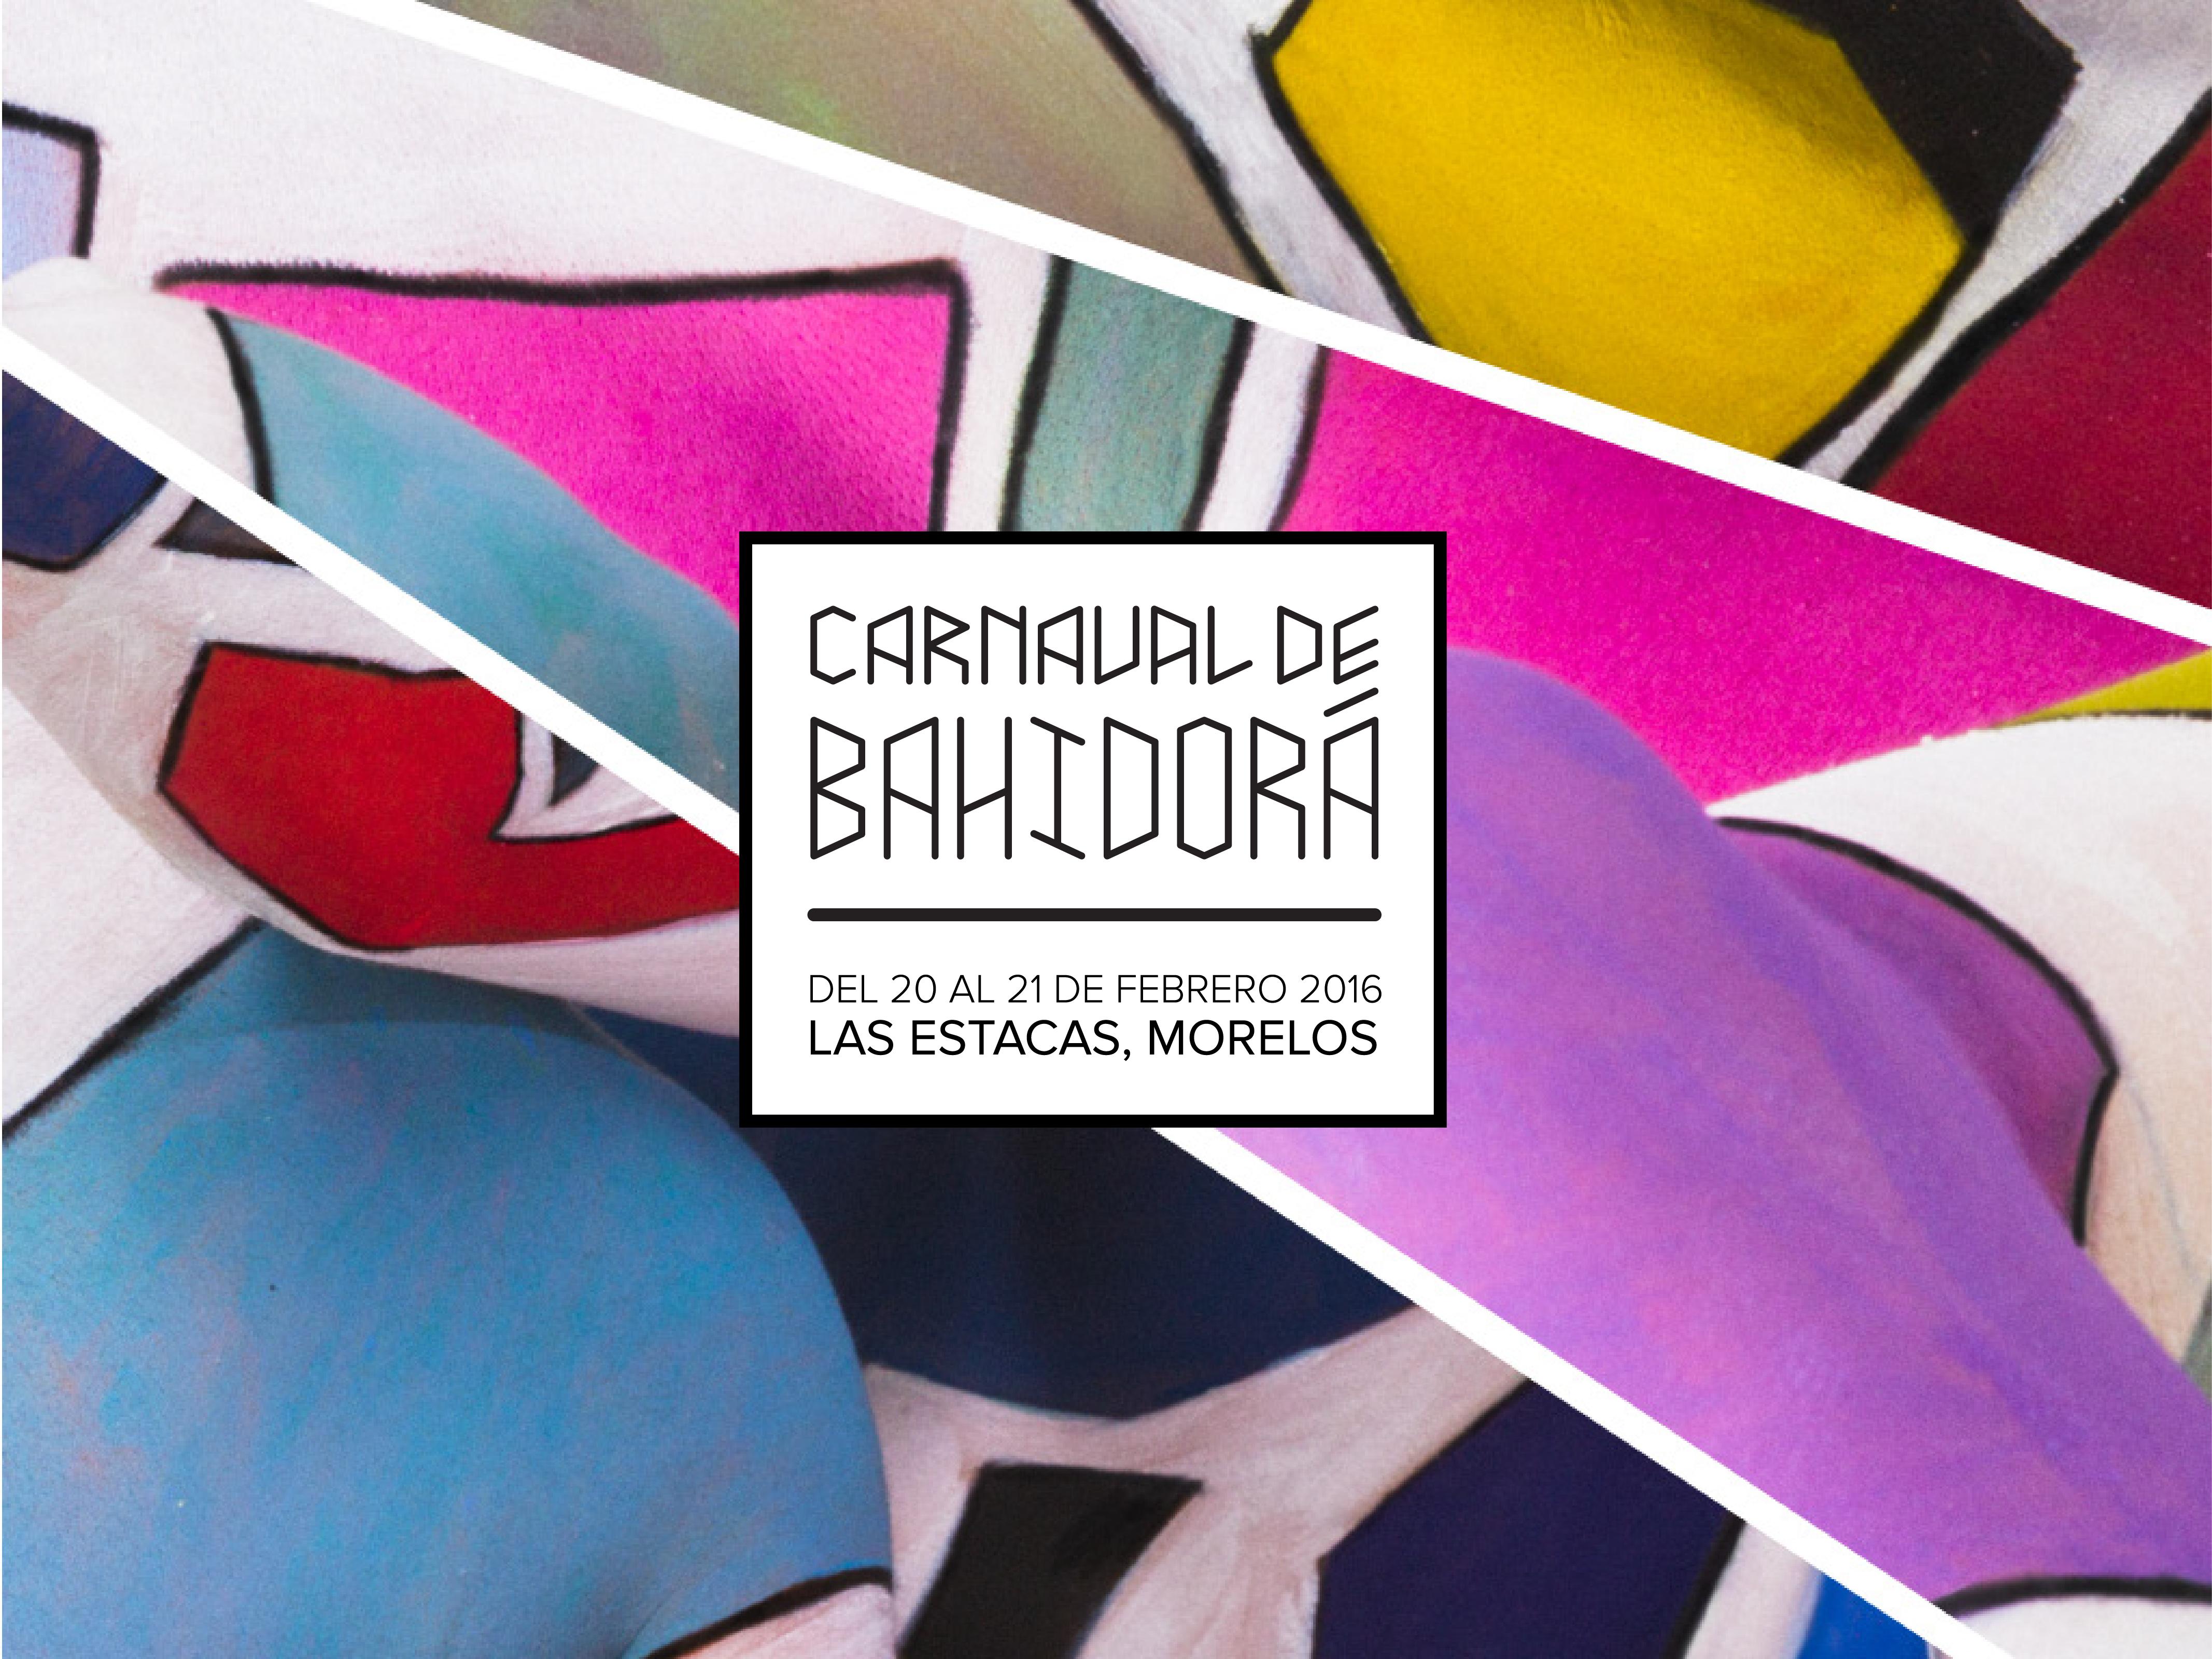 Carnaval de Bahidorá